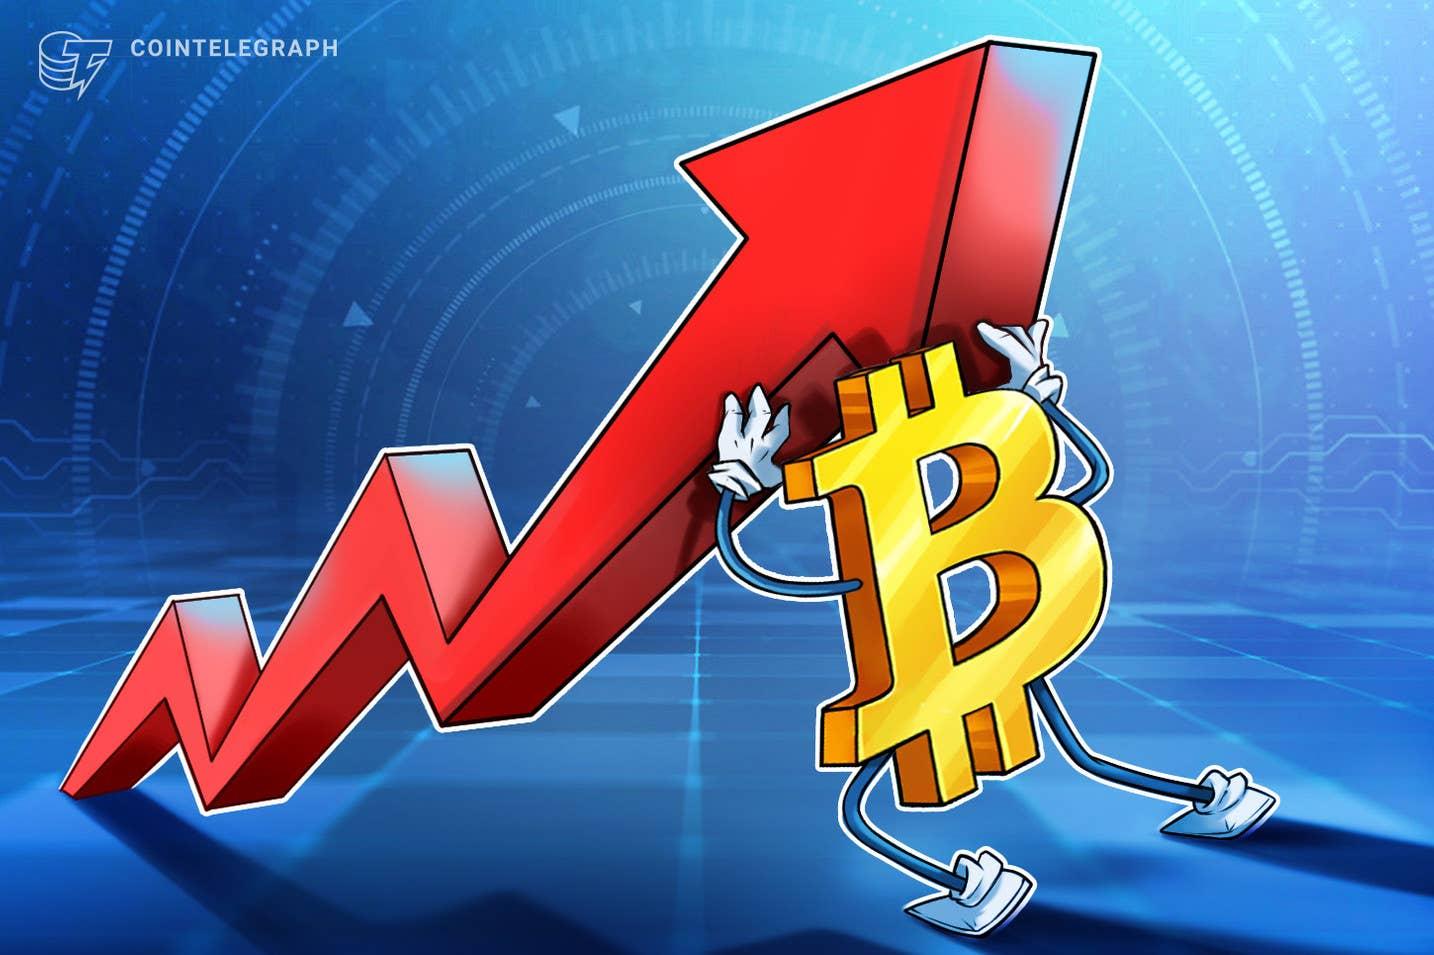 O Bitcoin salta novamente após perder brevemente o suporte de $ 40K - Observe estes níveis de preços BTC